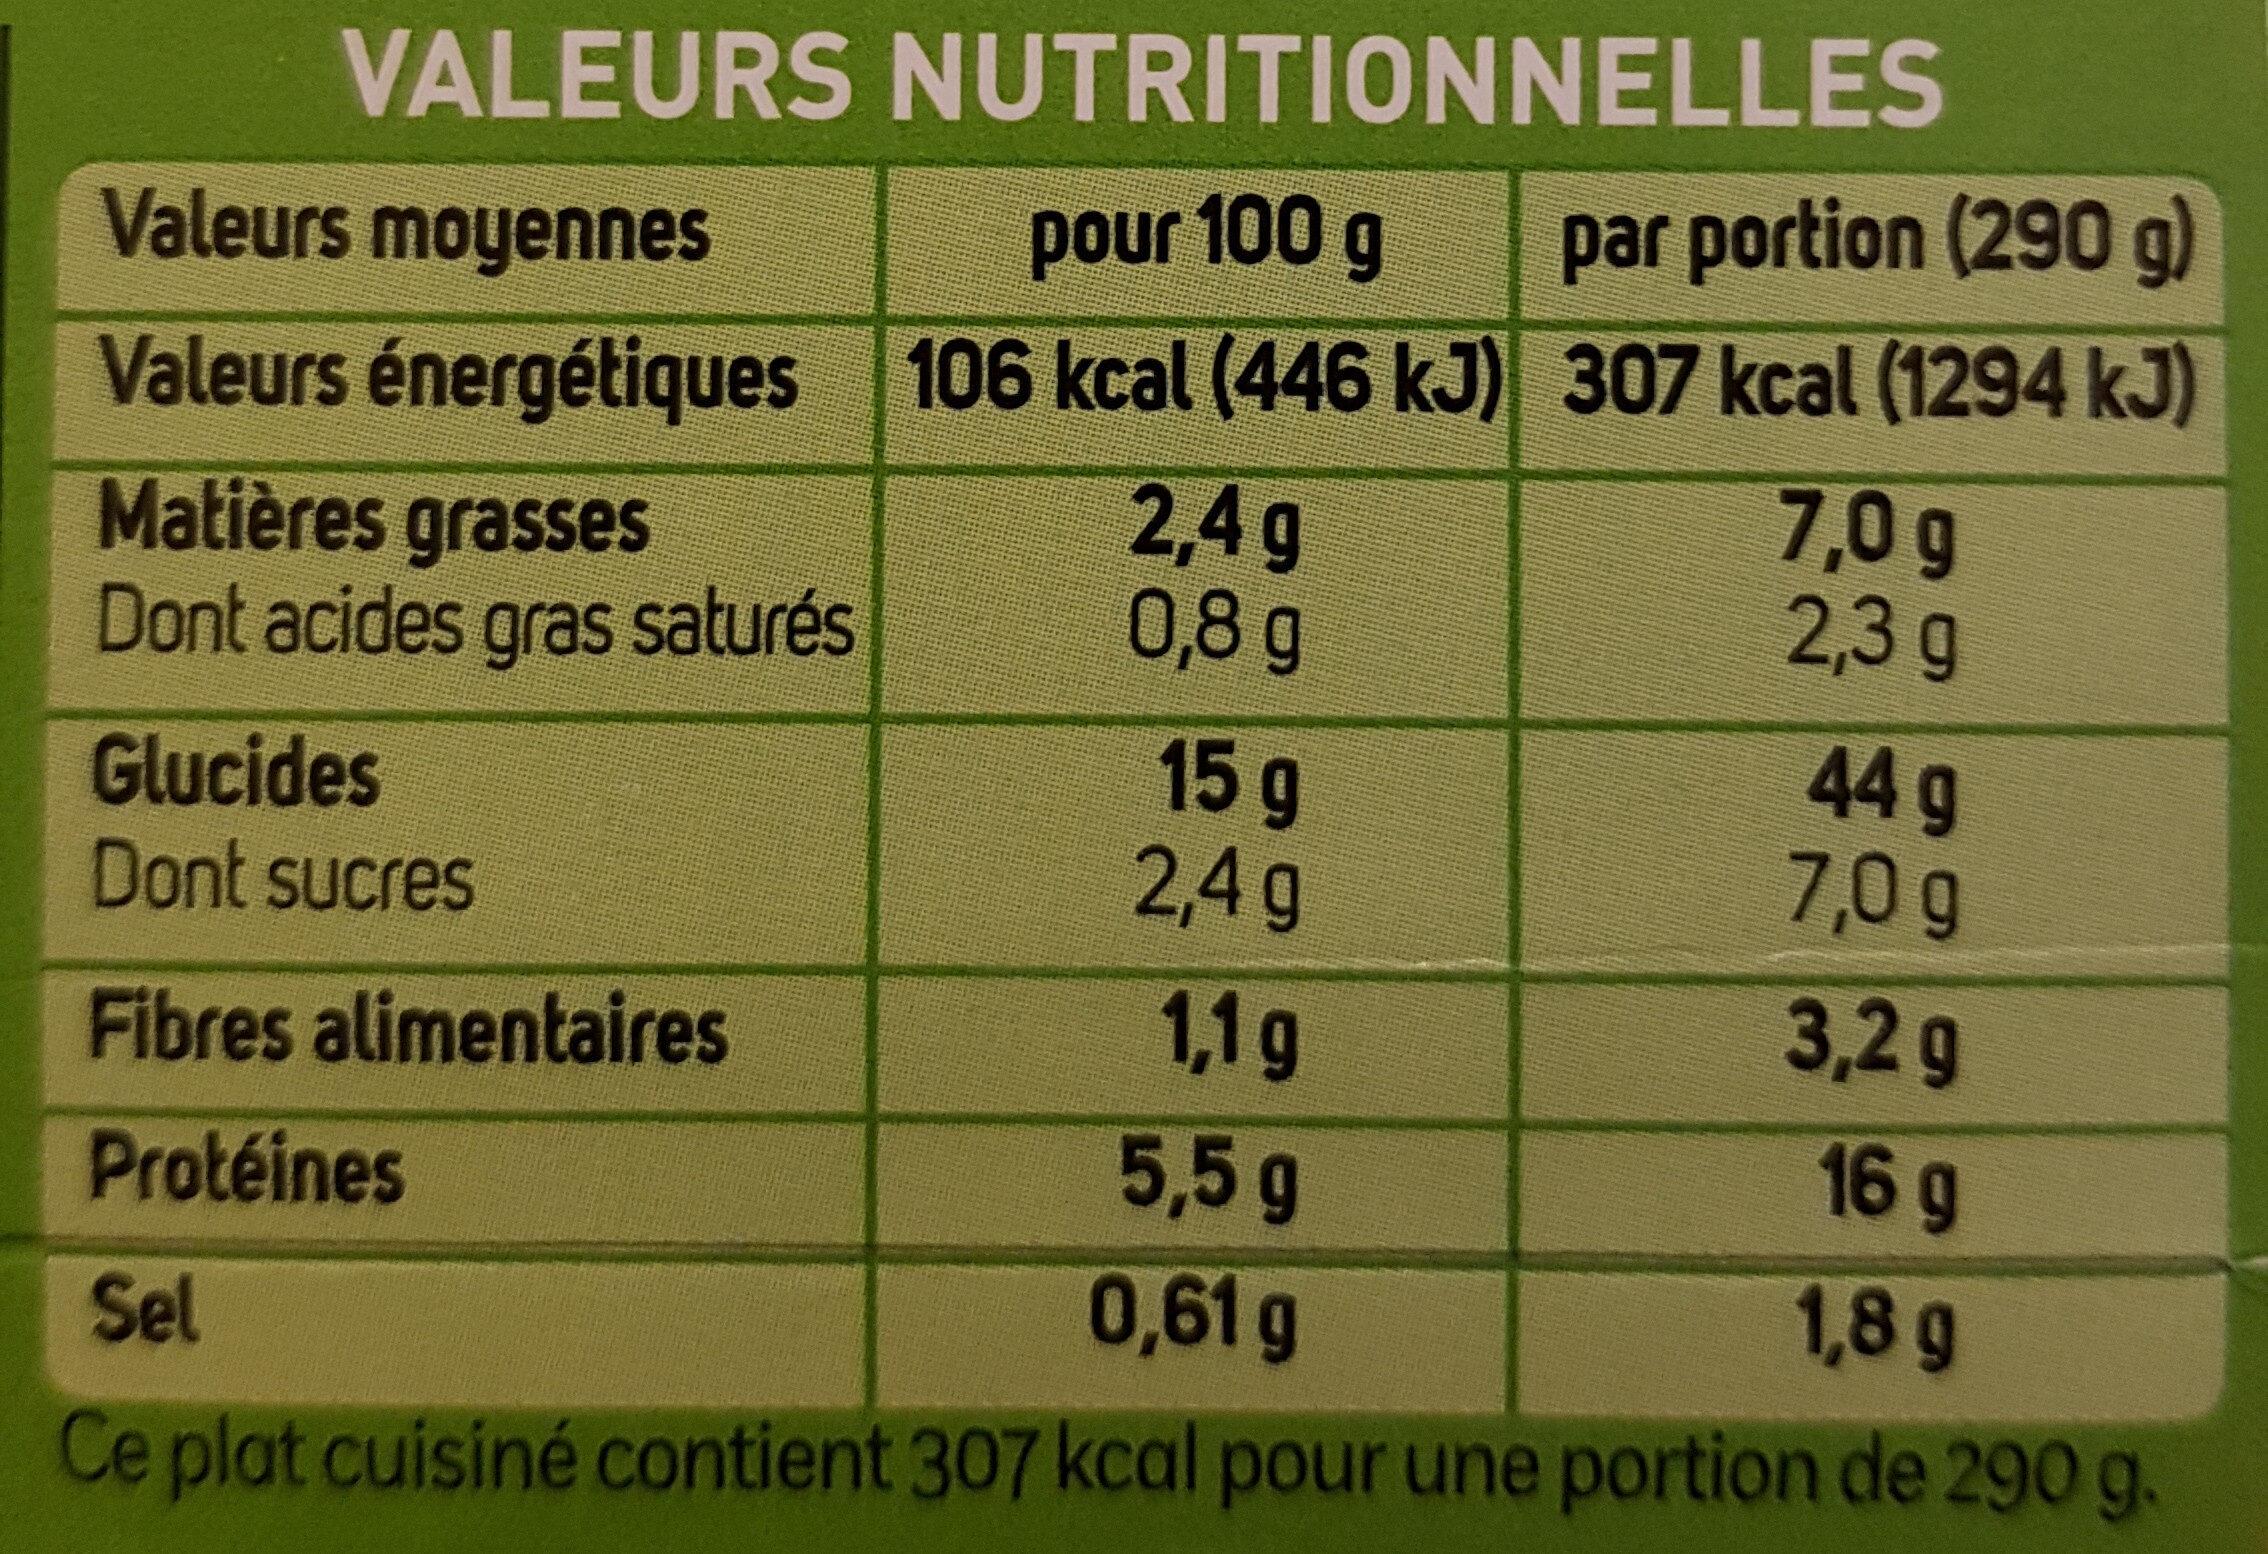 Ravioli au Saumon, Fondue d'épinards à la crème - Nutrition facts - fr